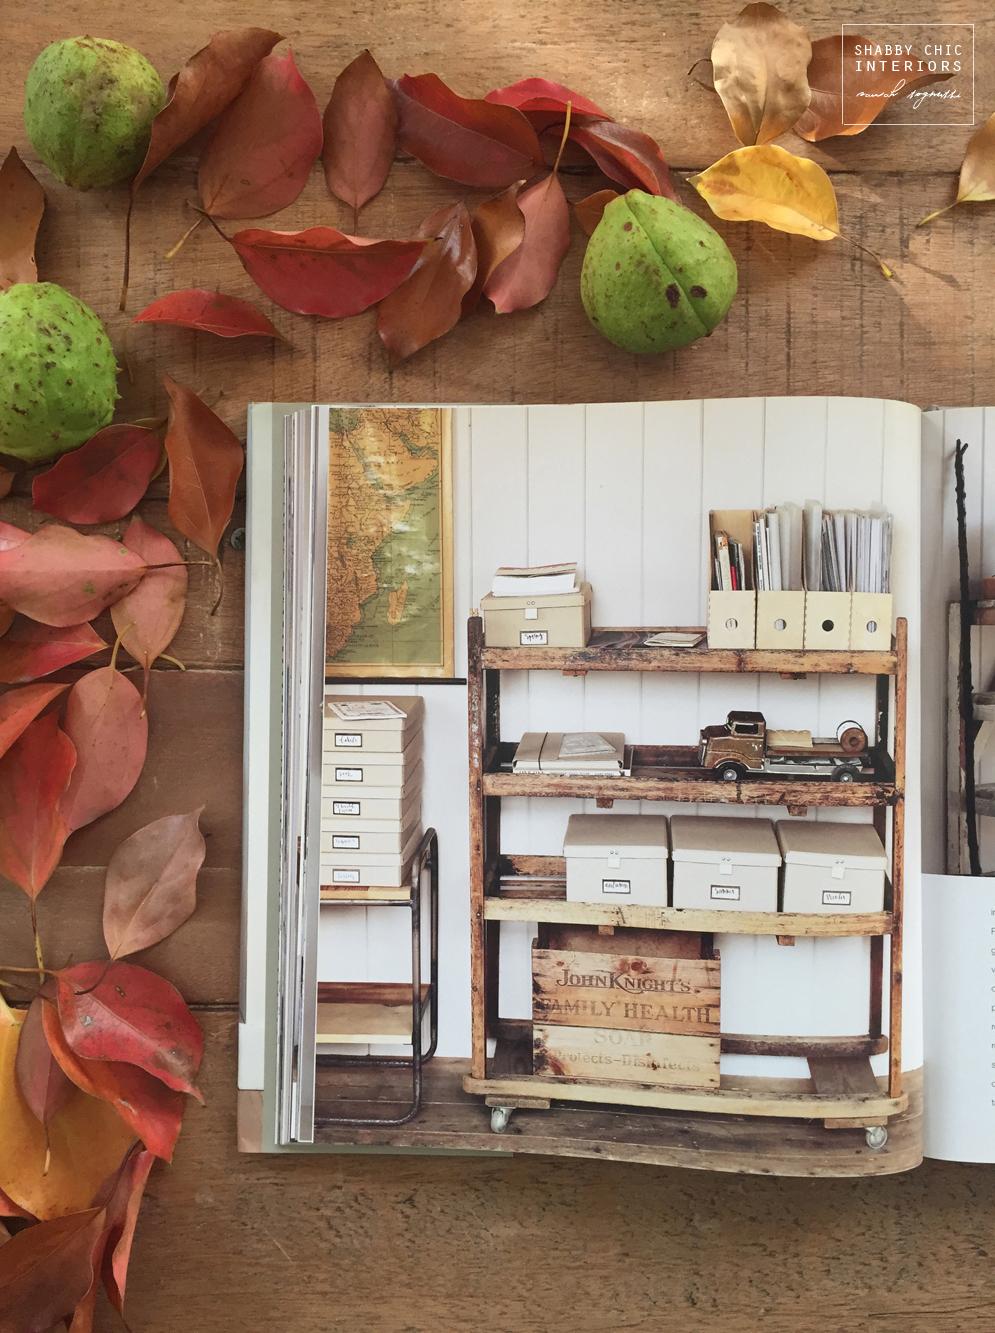 Rassegna stampa la casa semplice shabby chic interiors - La casa semplice ...